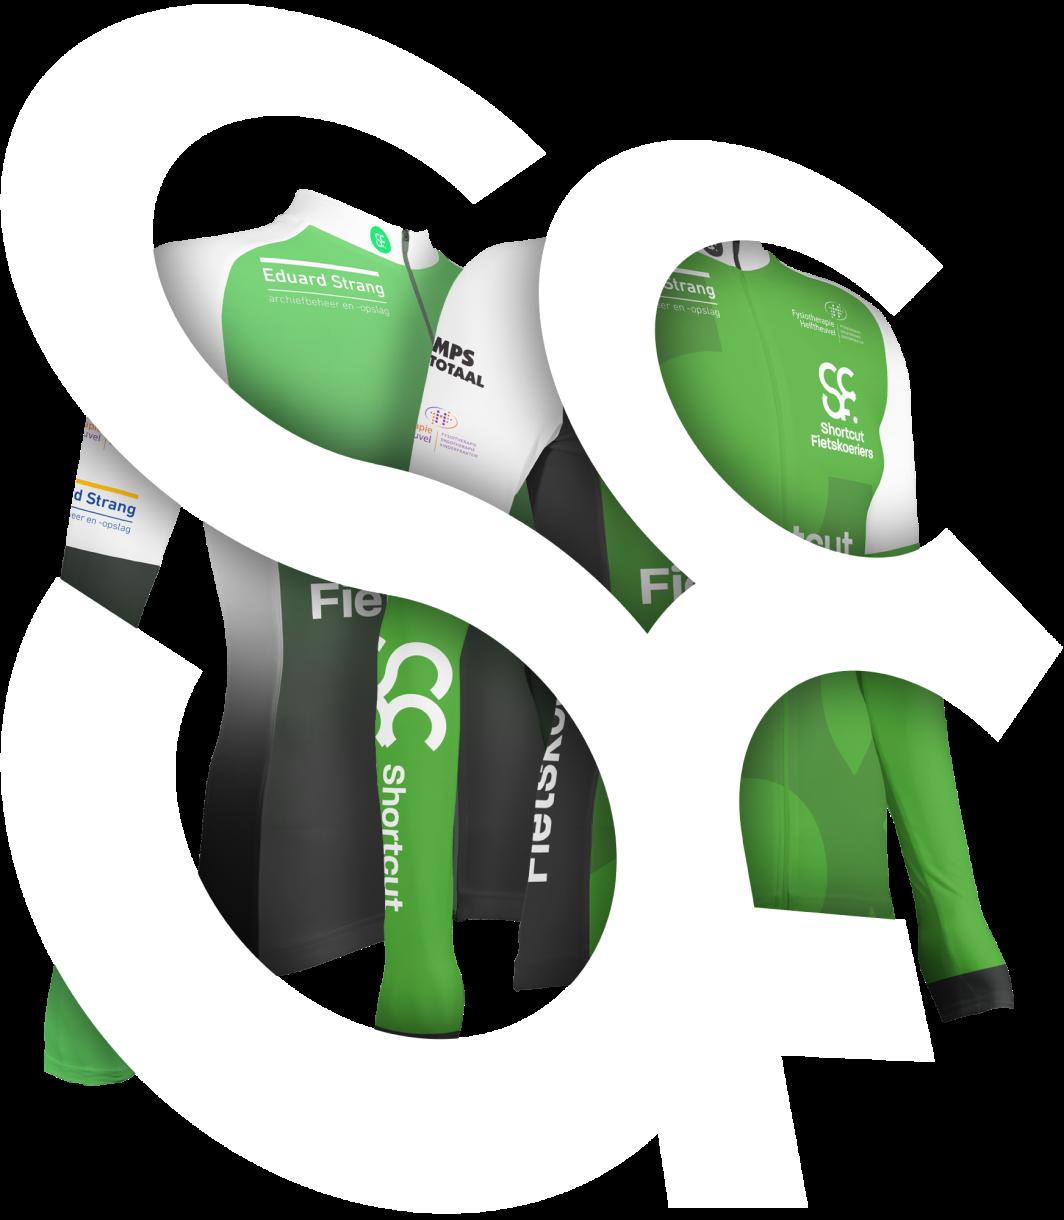 Afbeelding van het Shortcut Fietskoeriers logo met daaronder de nieuwe werkkleding